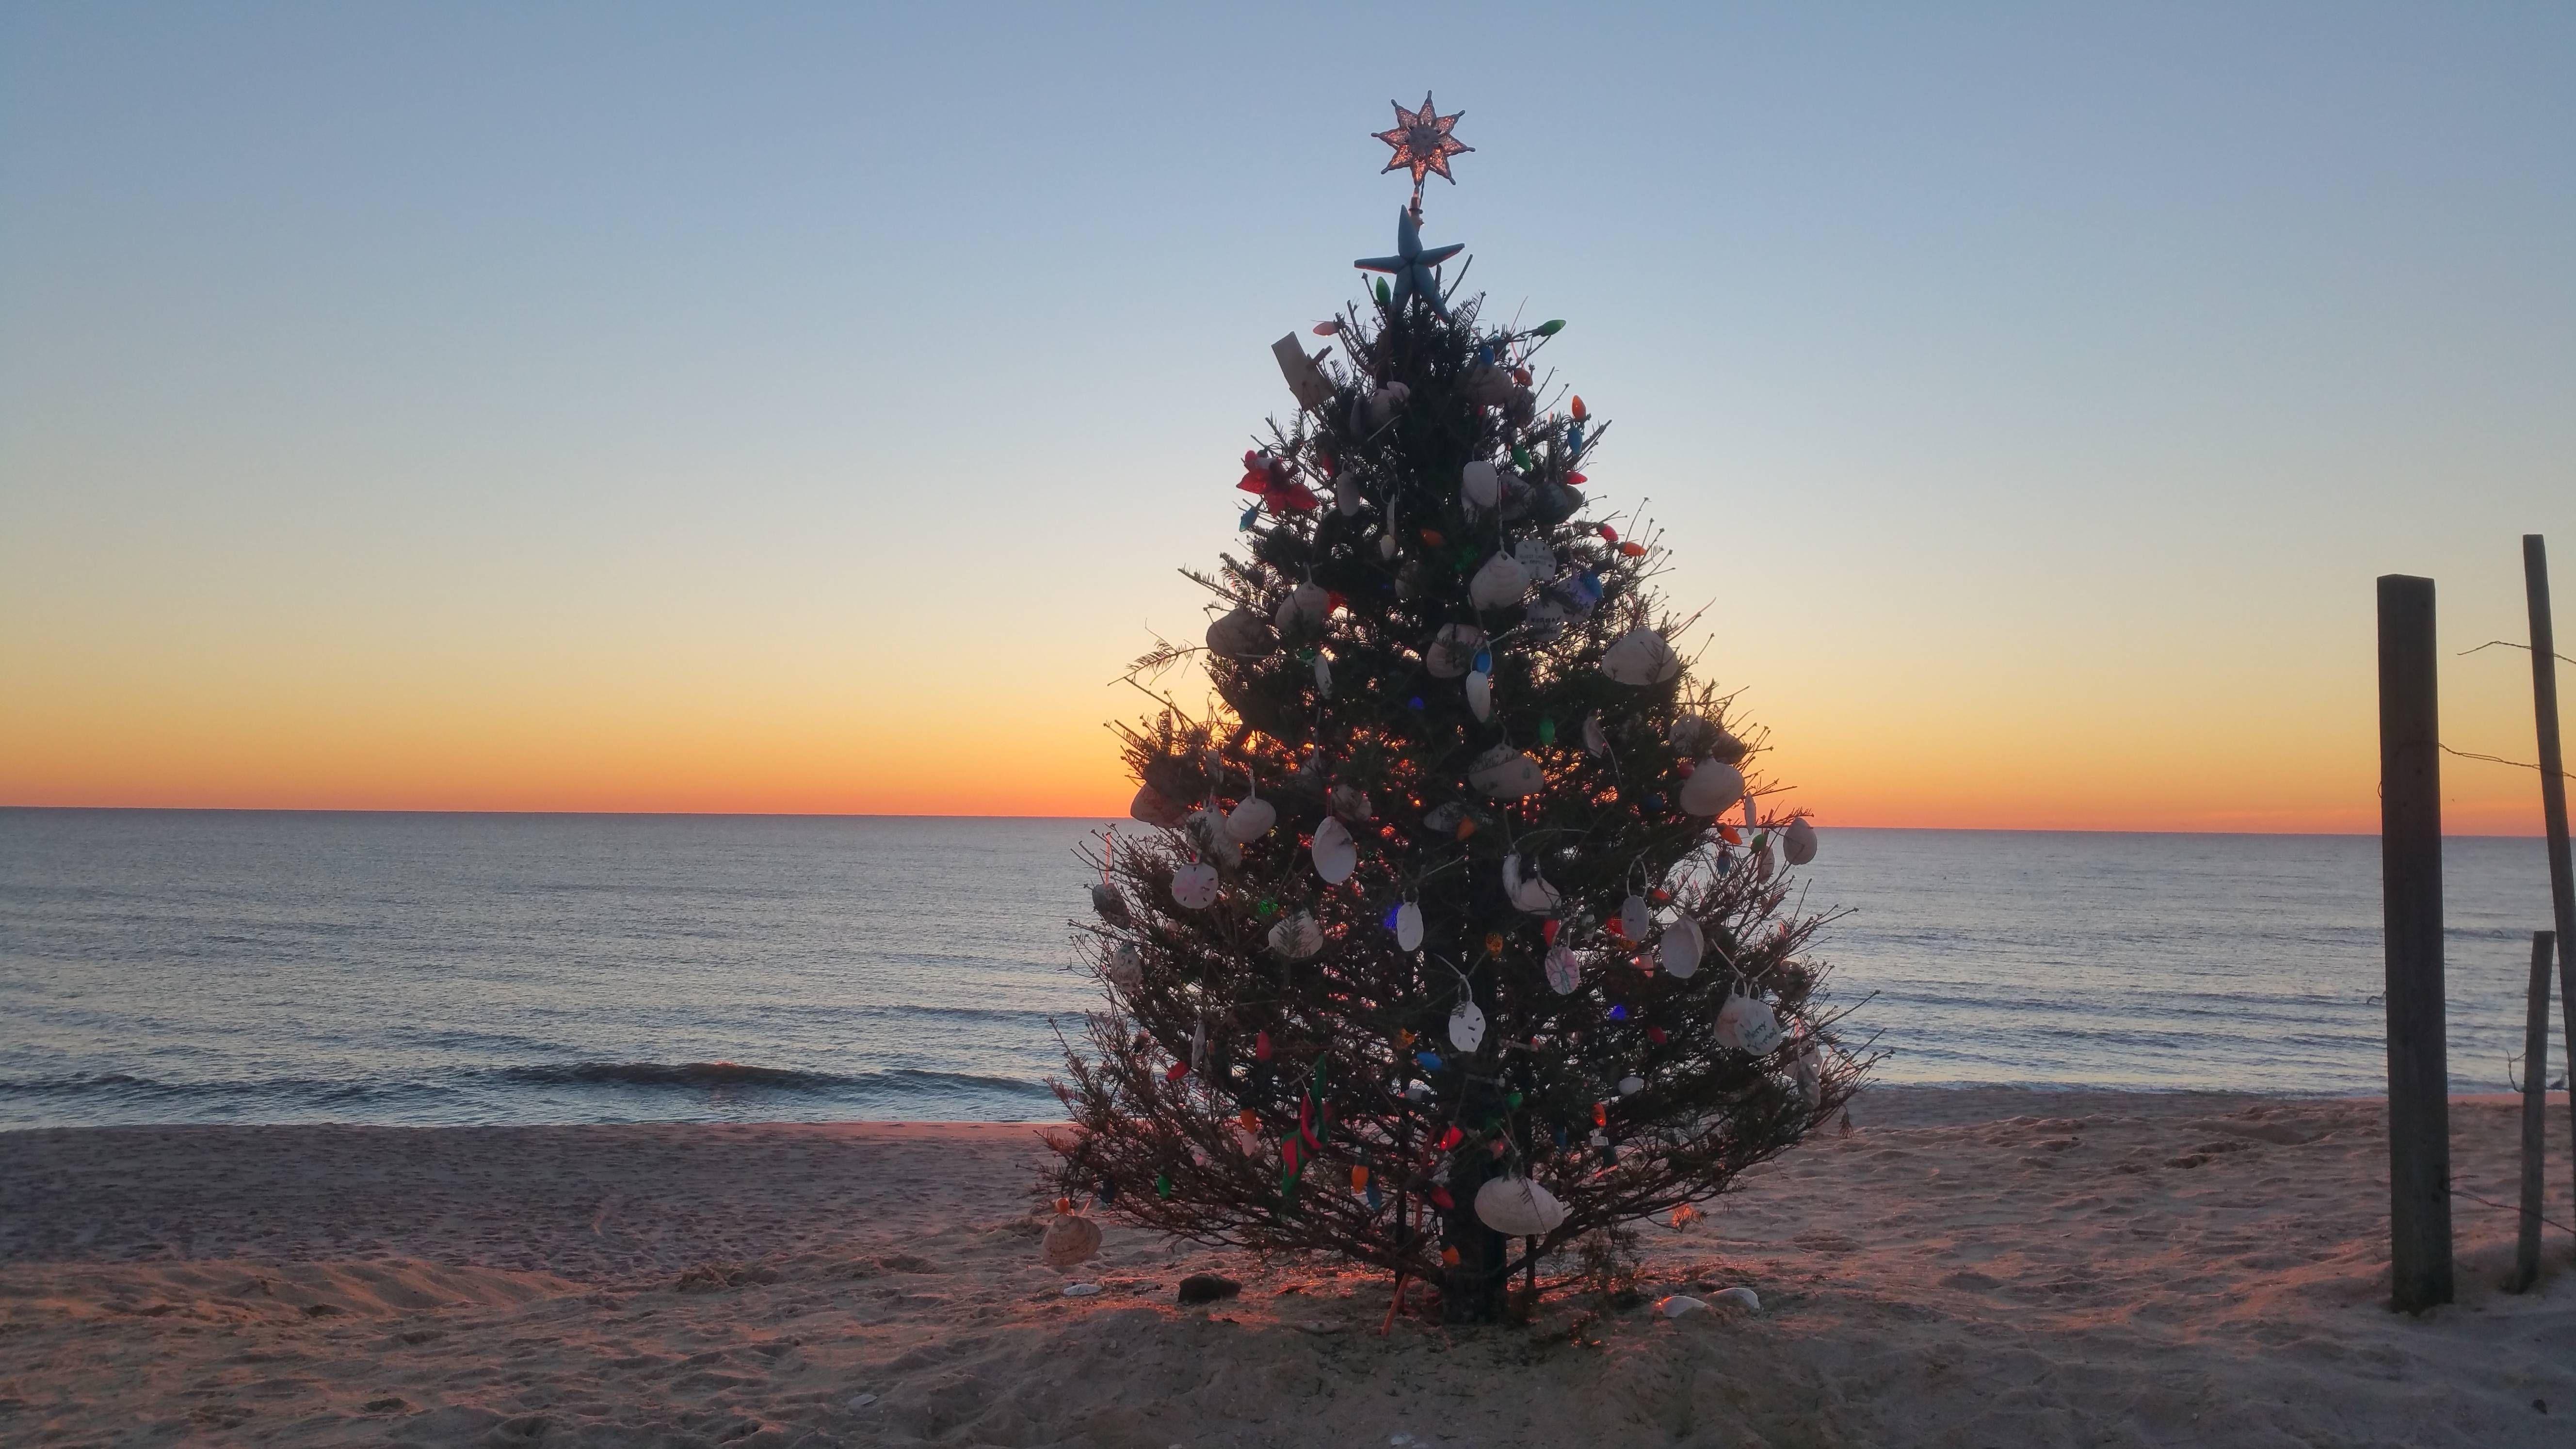 Our beach xmas tree with a nice sunrise in normandy beach nj oc